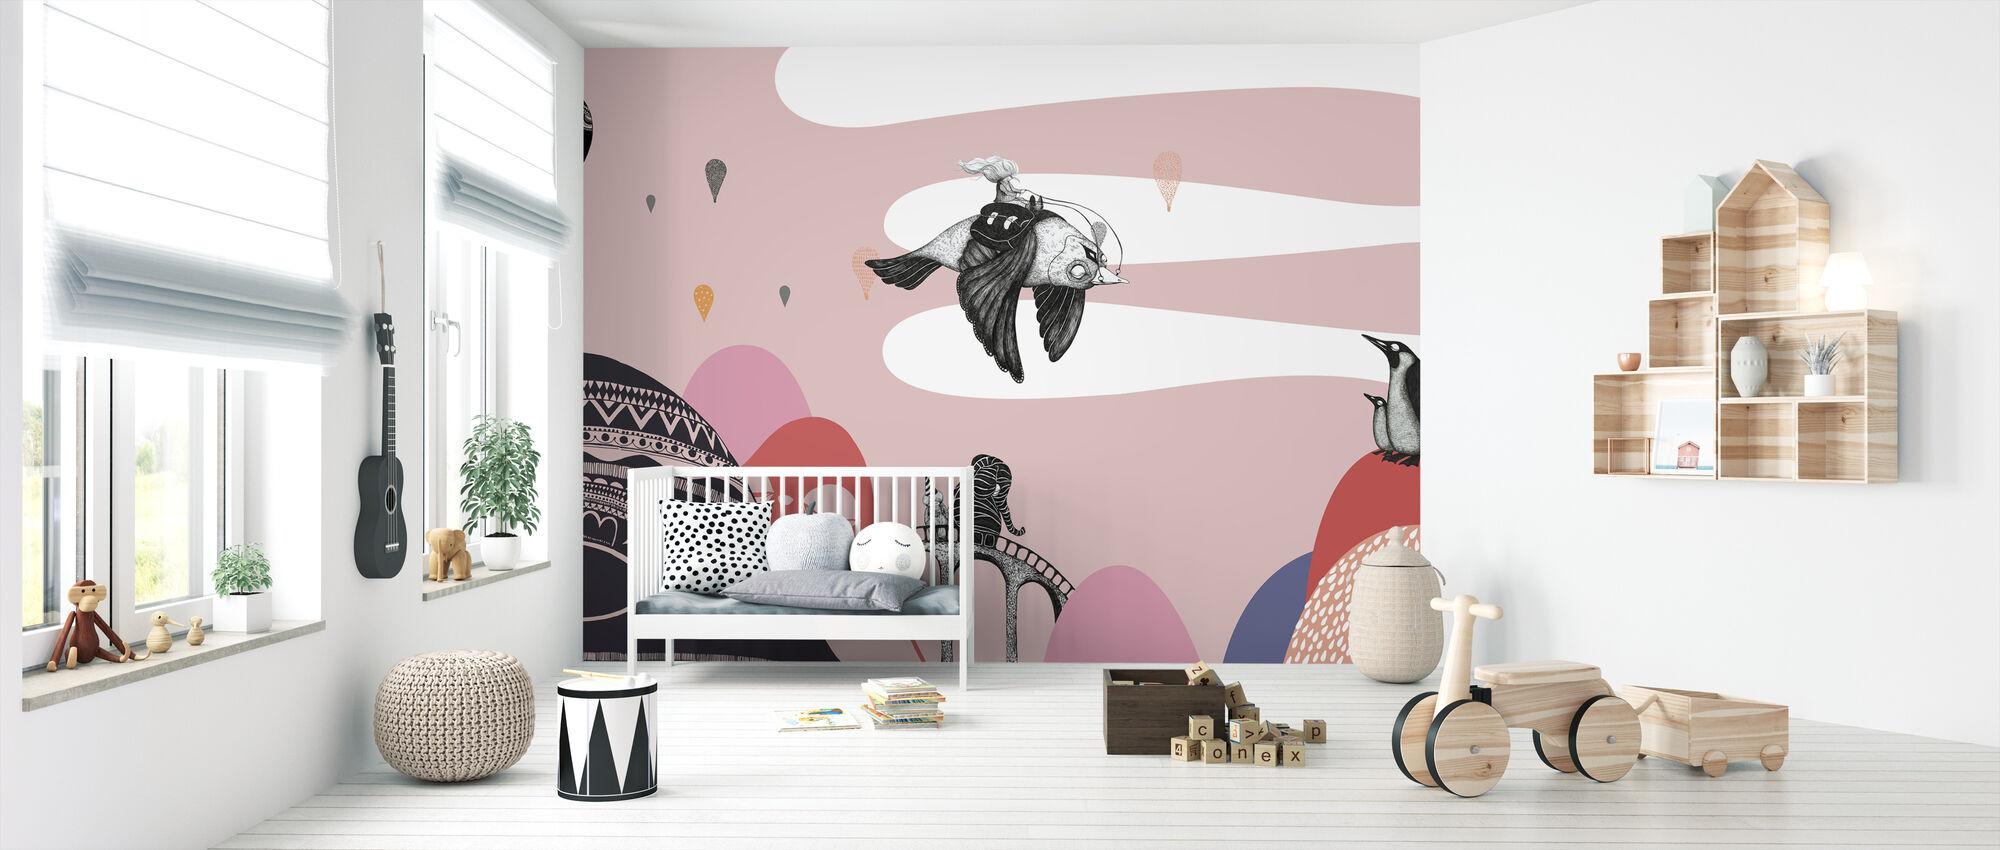 Hornstull Bird - Tapetti - Vauvan huone